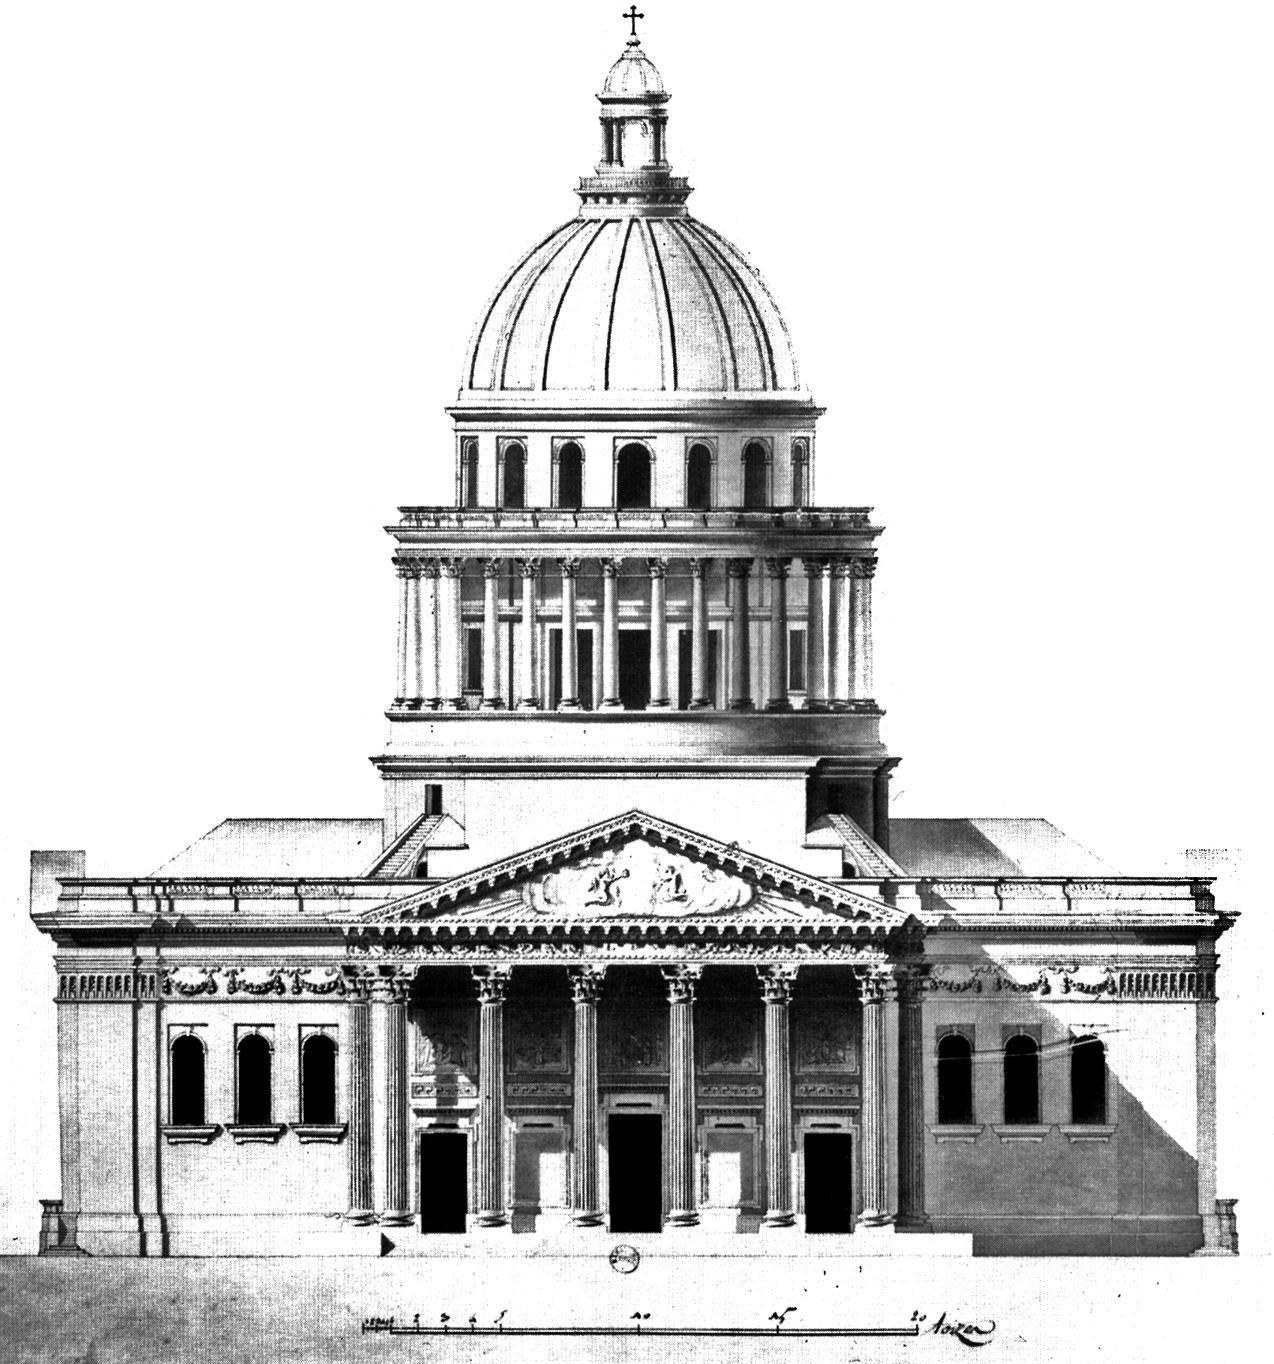 File:Panthéon Soufflot - élevation principale.png ...